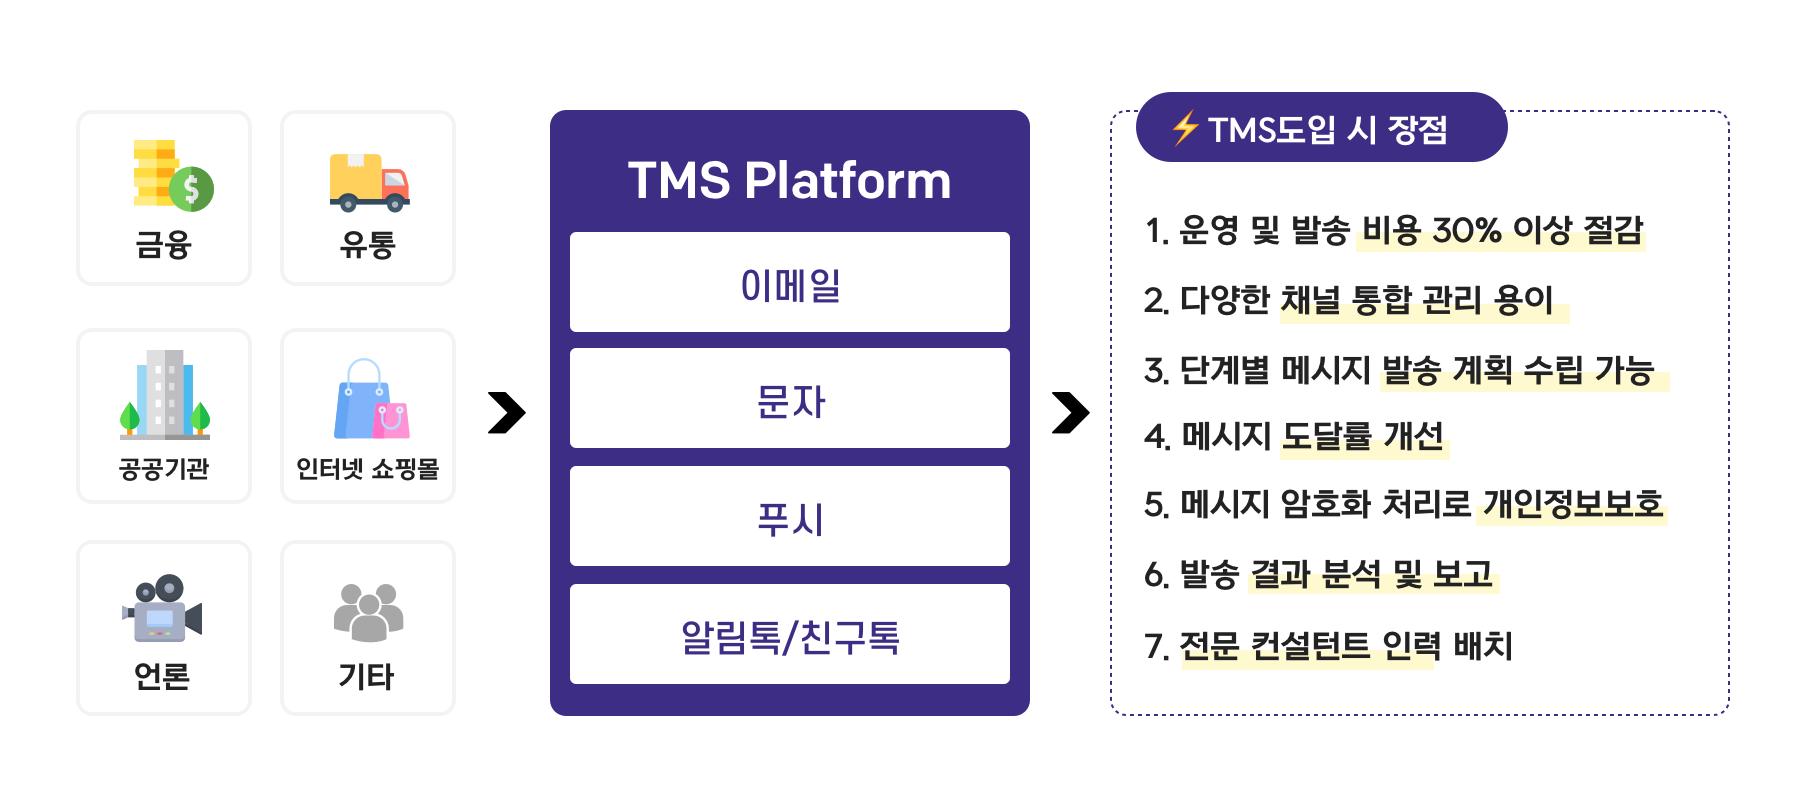 휴머스온 TMS 도입 시 장점